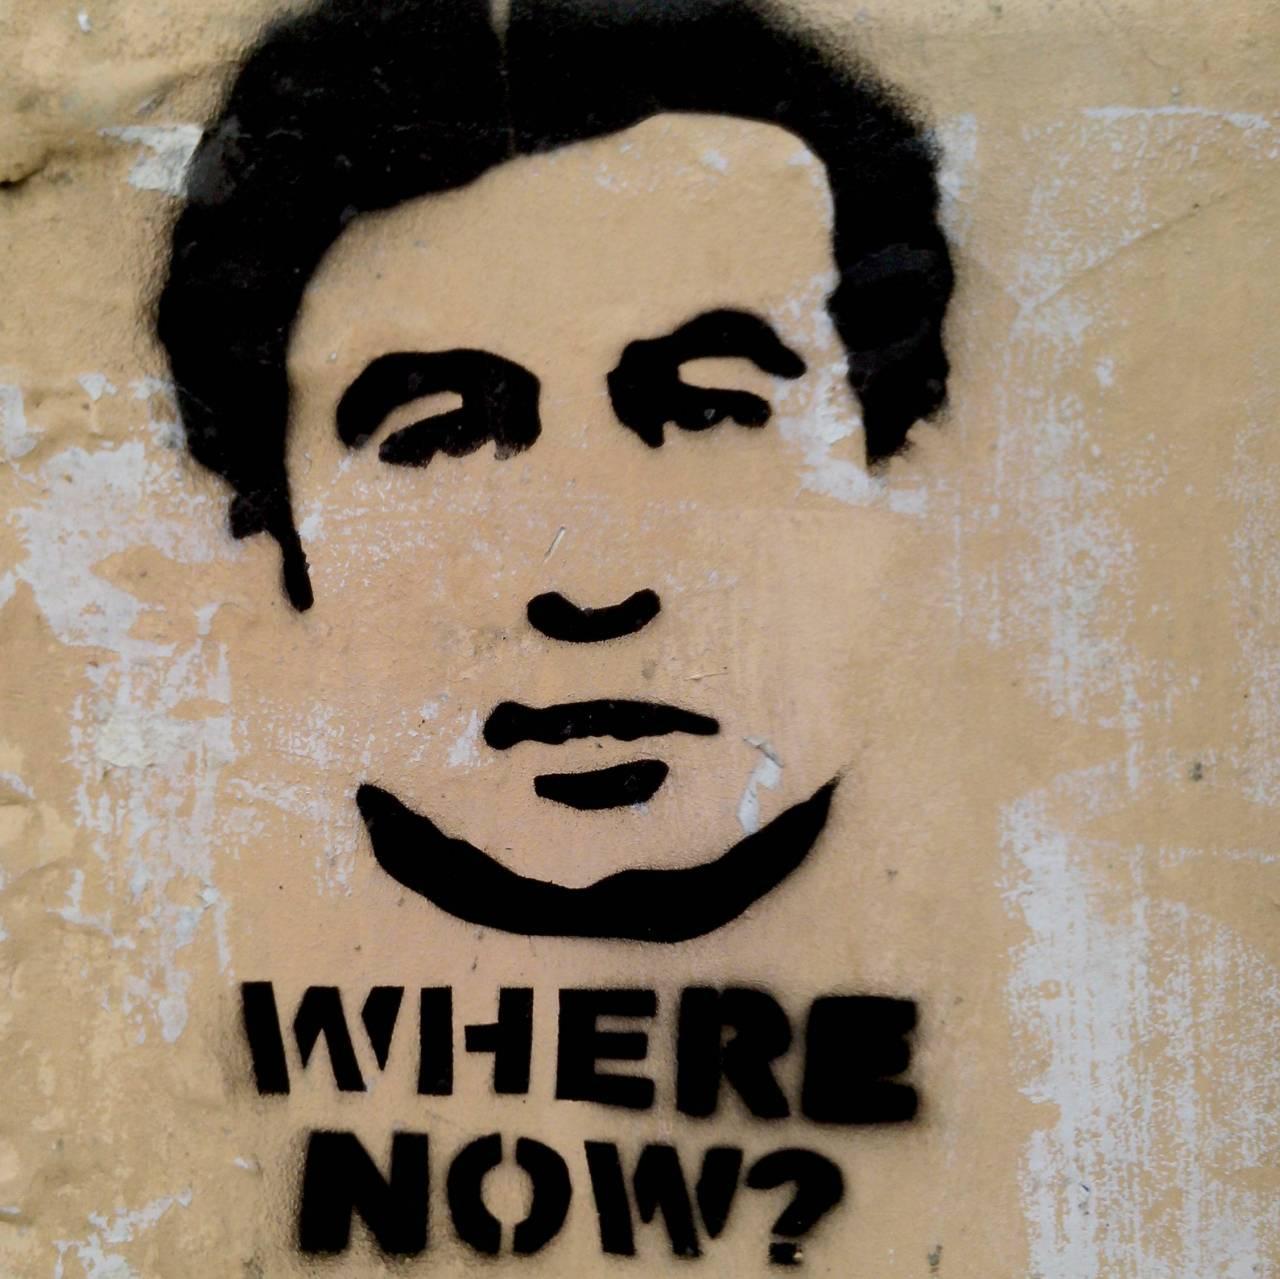 ВГрузии посадили втюрьму Саакашвили: что дальше